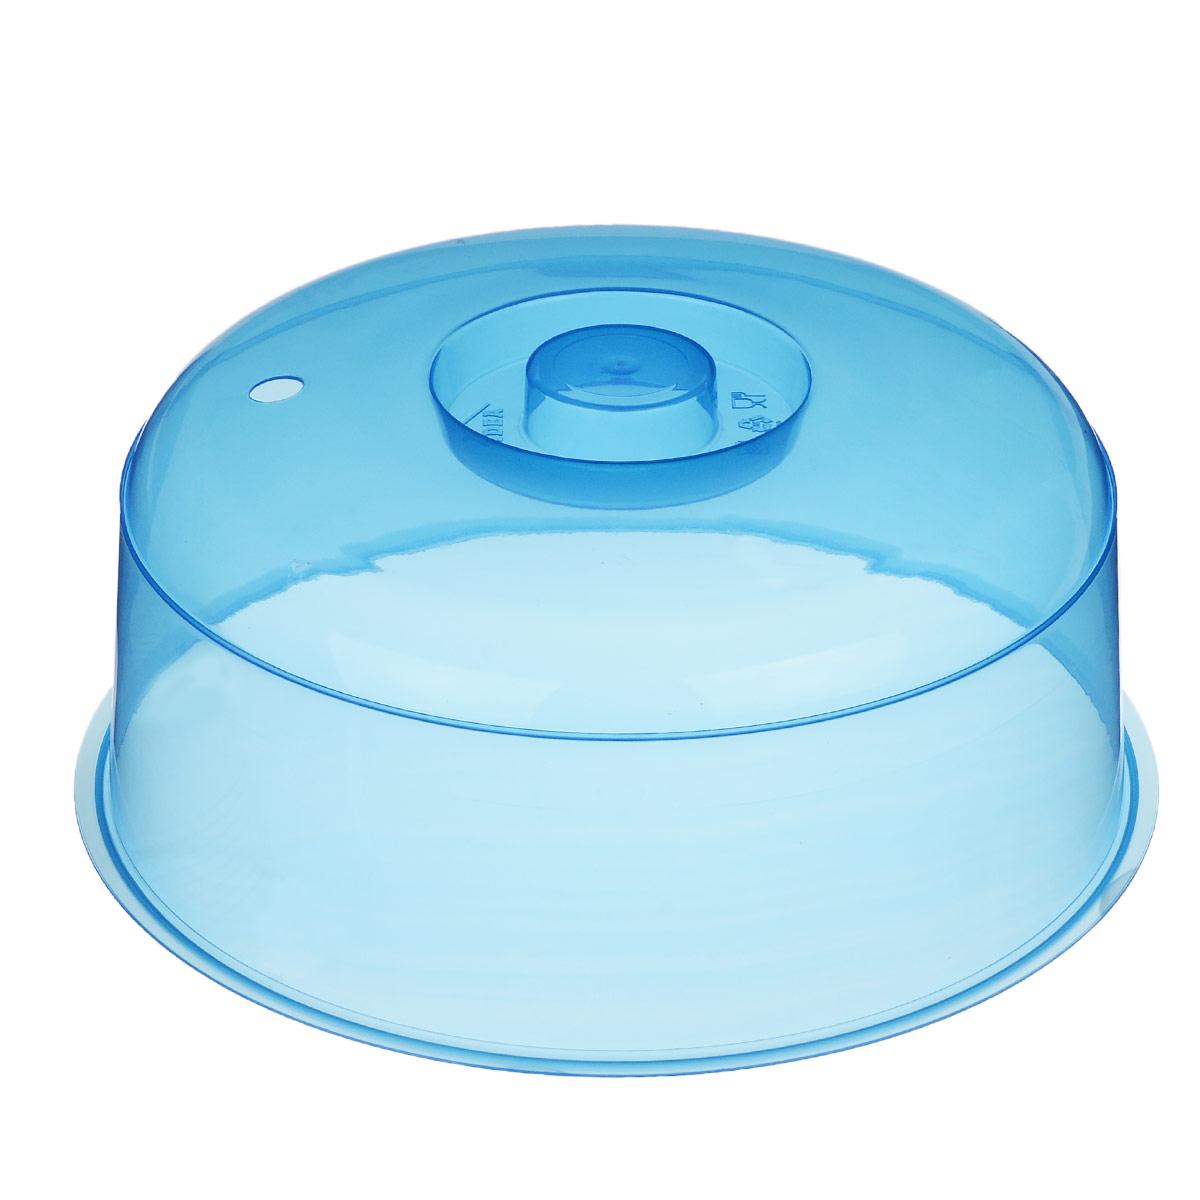 Крышка для микроволновой печи Idea, цвет: синий, диаметр 24,5 см115510Крышка для микроволновой печи Idea изготовлена из высококачественного прозрачного полипропилена. Изделие предназначено для разогрева пищевых продуктов в микроволновой печи. Просто накройте блюдо крышкой и поставьте в микроволновую печь. Пища разогреется быстрее, а внутренние стенки печи останутся чистыми.